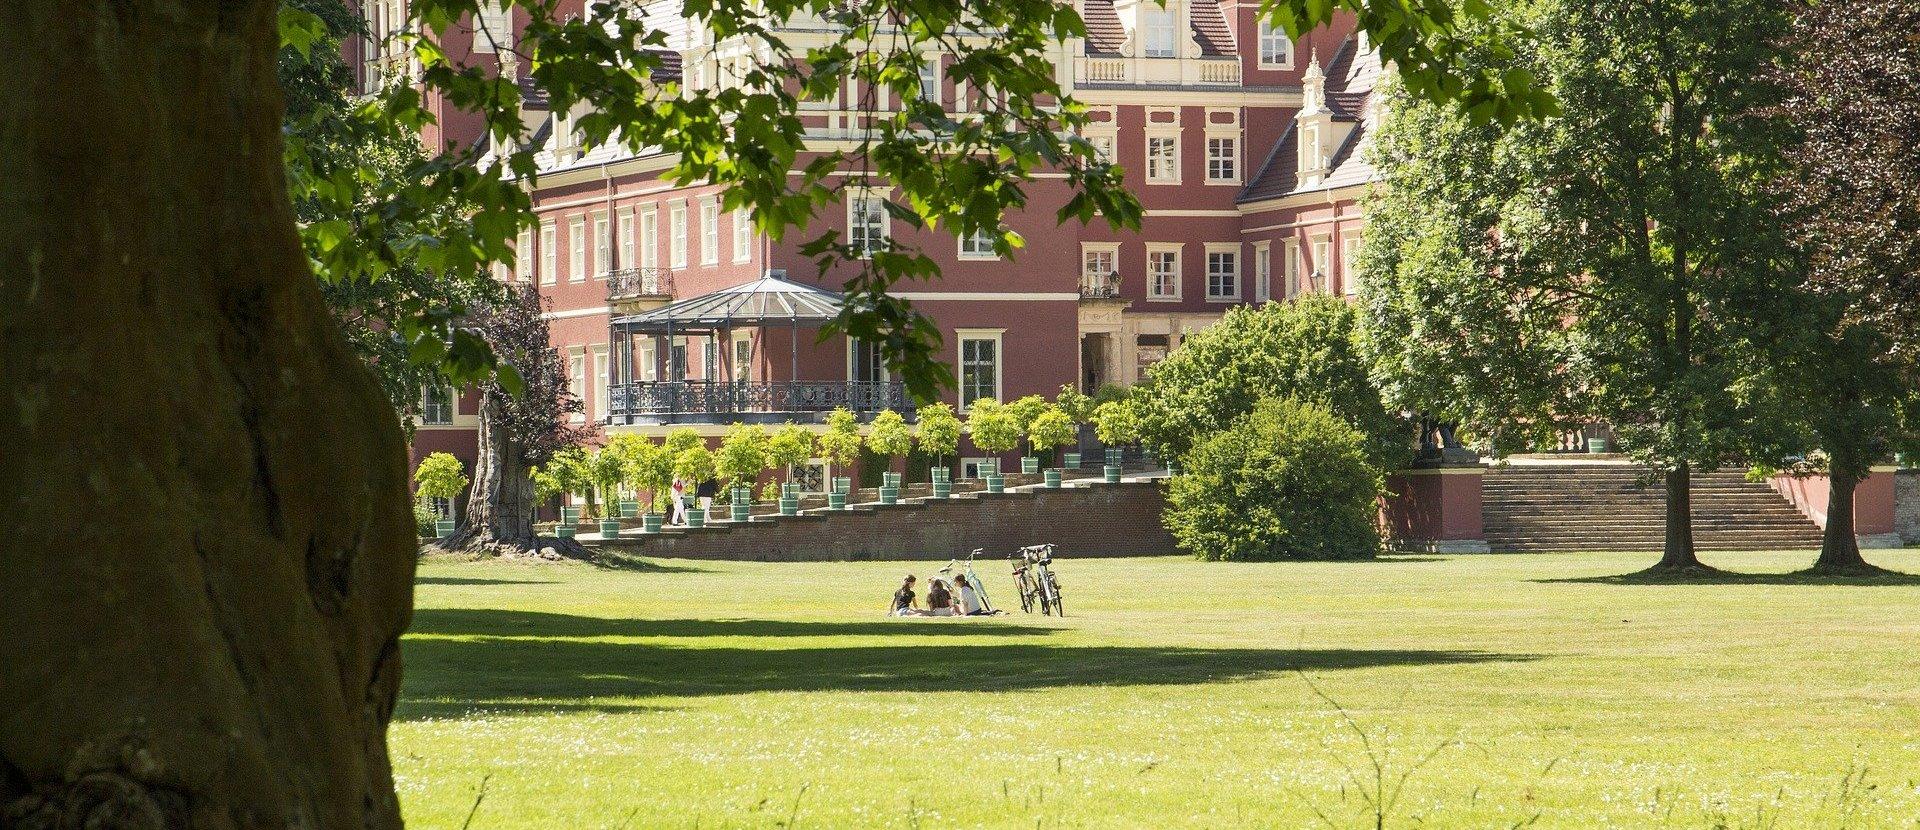 Urlaubsregion Oberlausitz Mit den Freundinnen Sonne tanken am Märchenschloss...